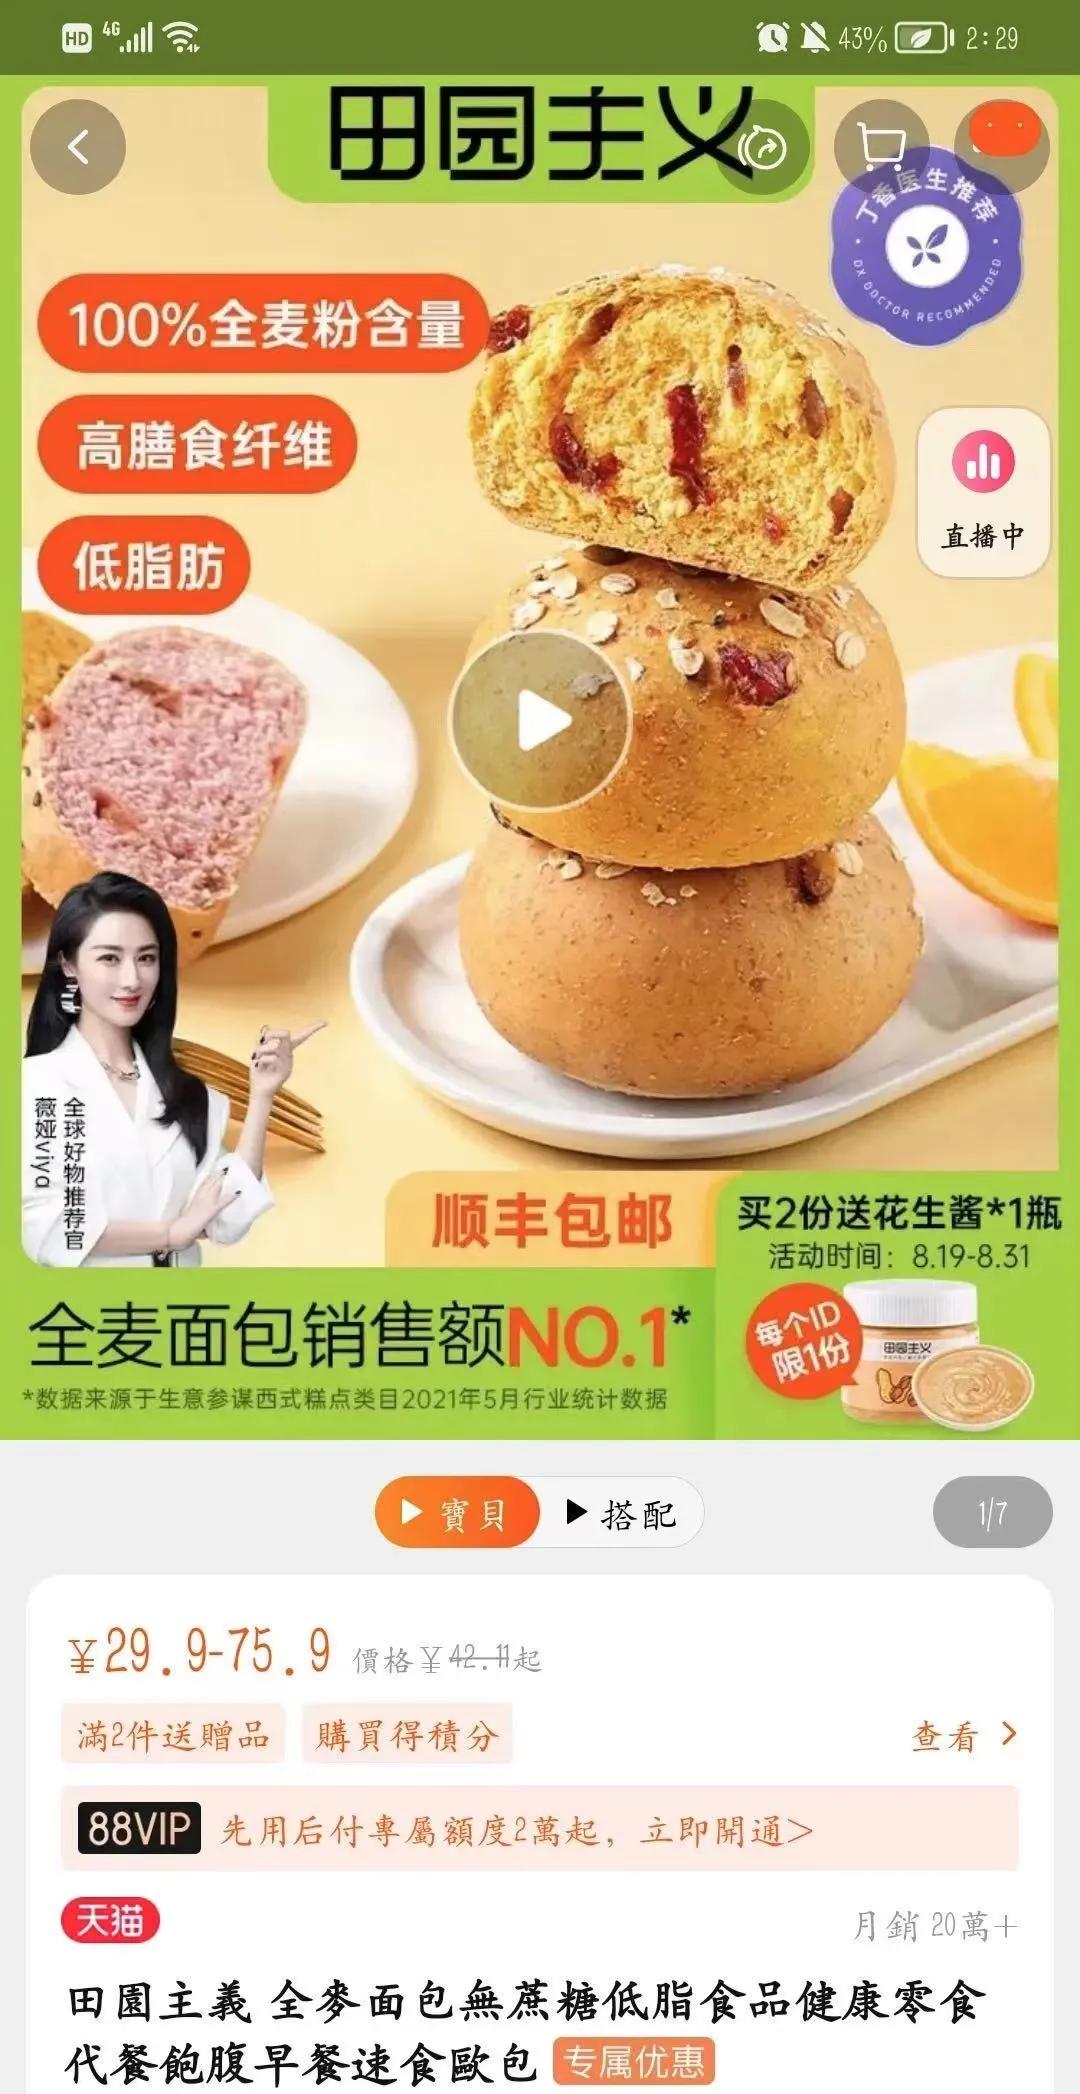 田園主義面包是如何掌握流量密碼,做到淘寶銷量第一的?